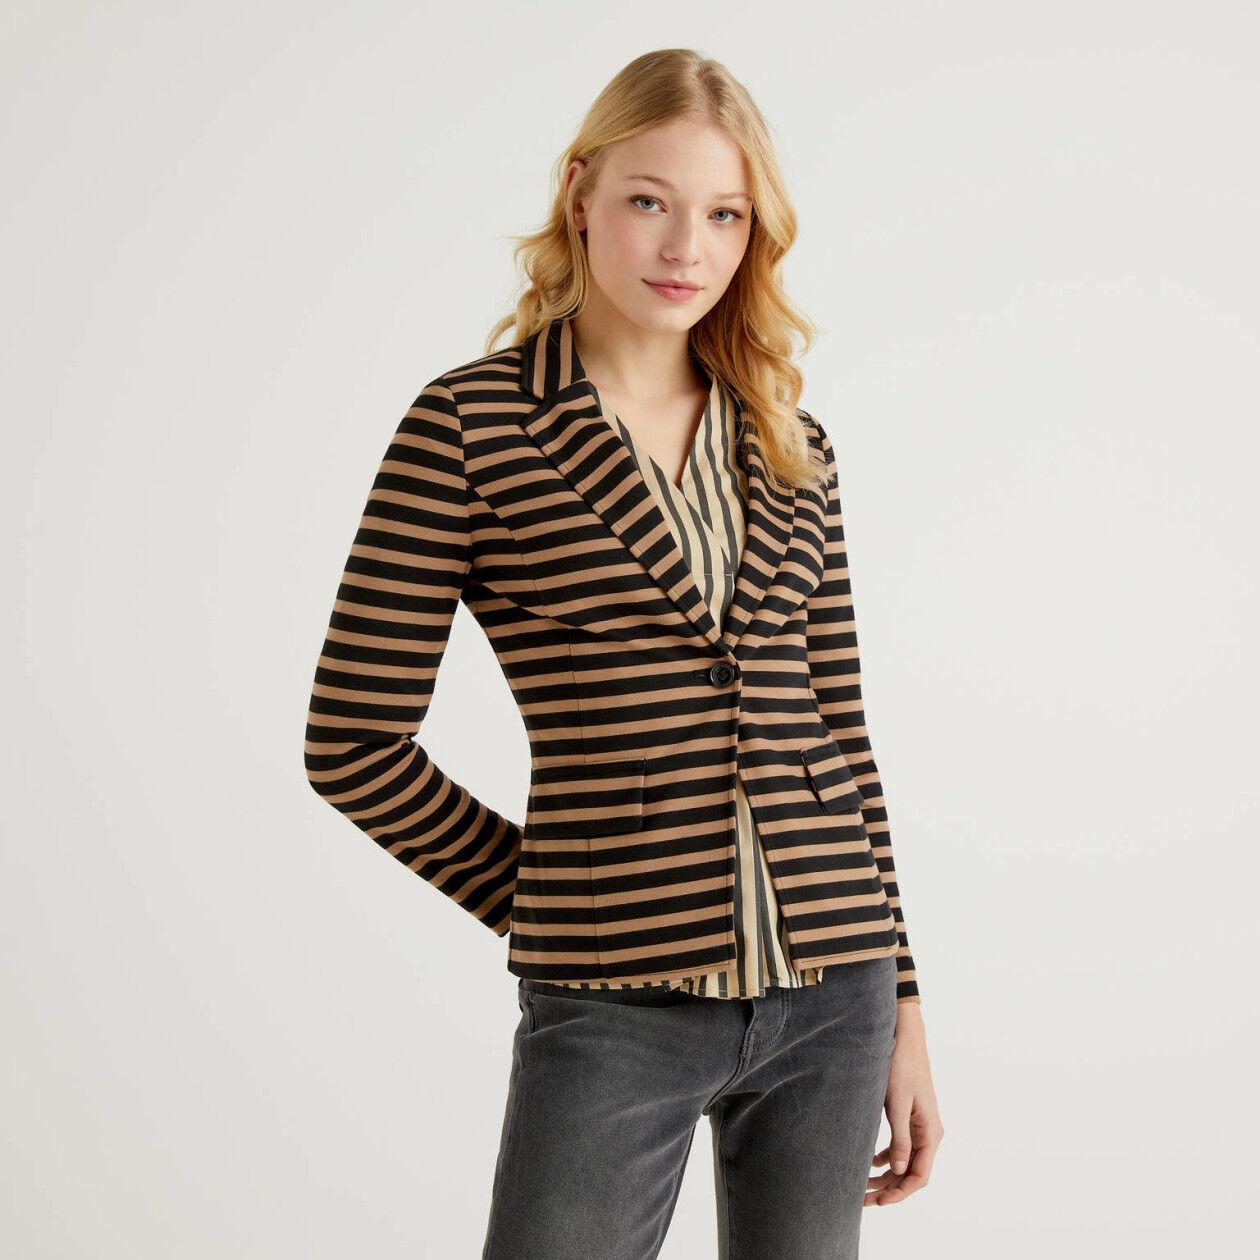 Black and beige striped blazer